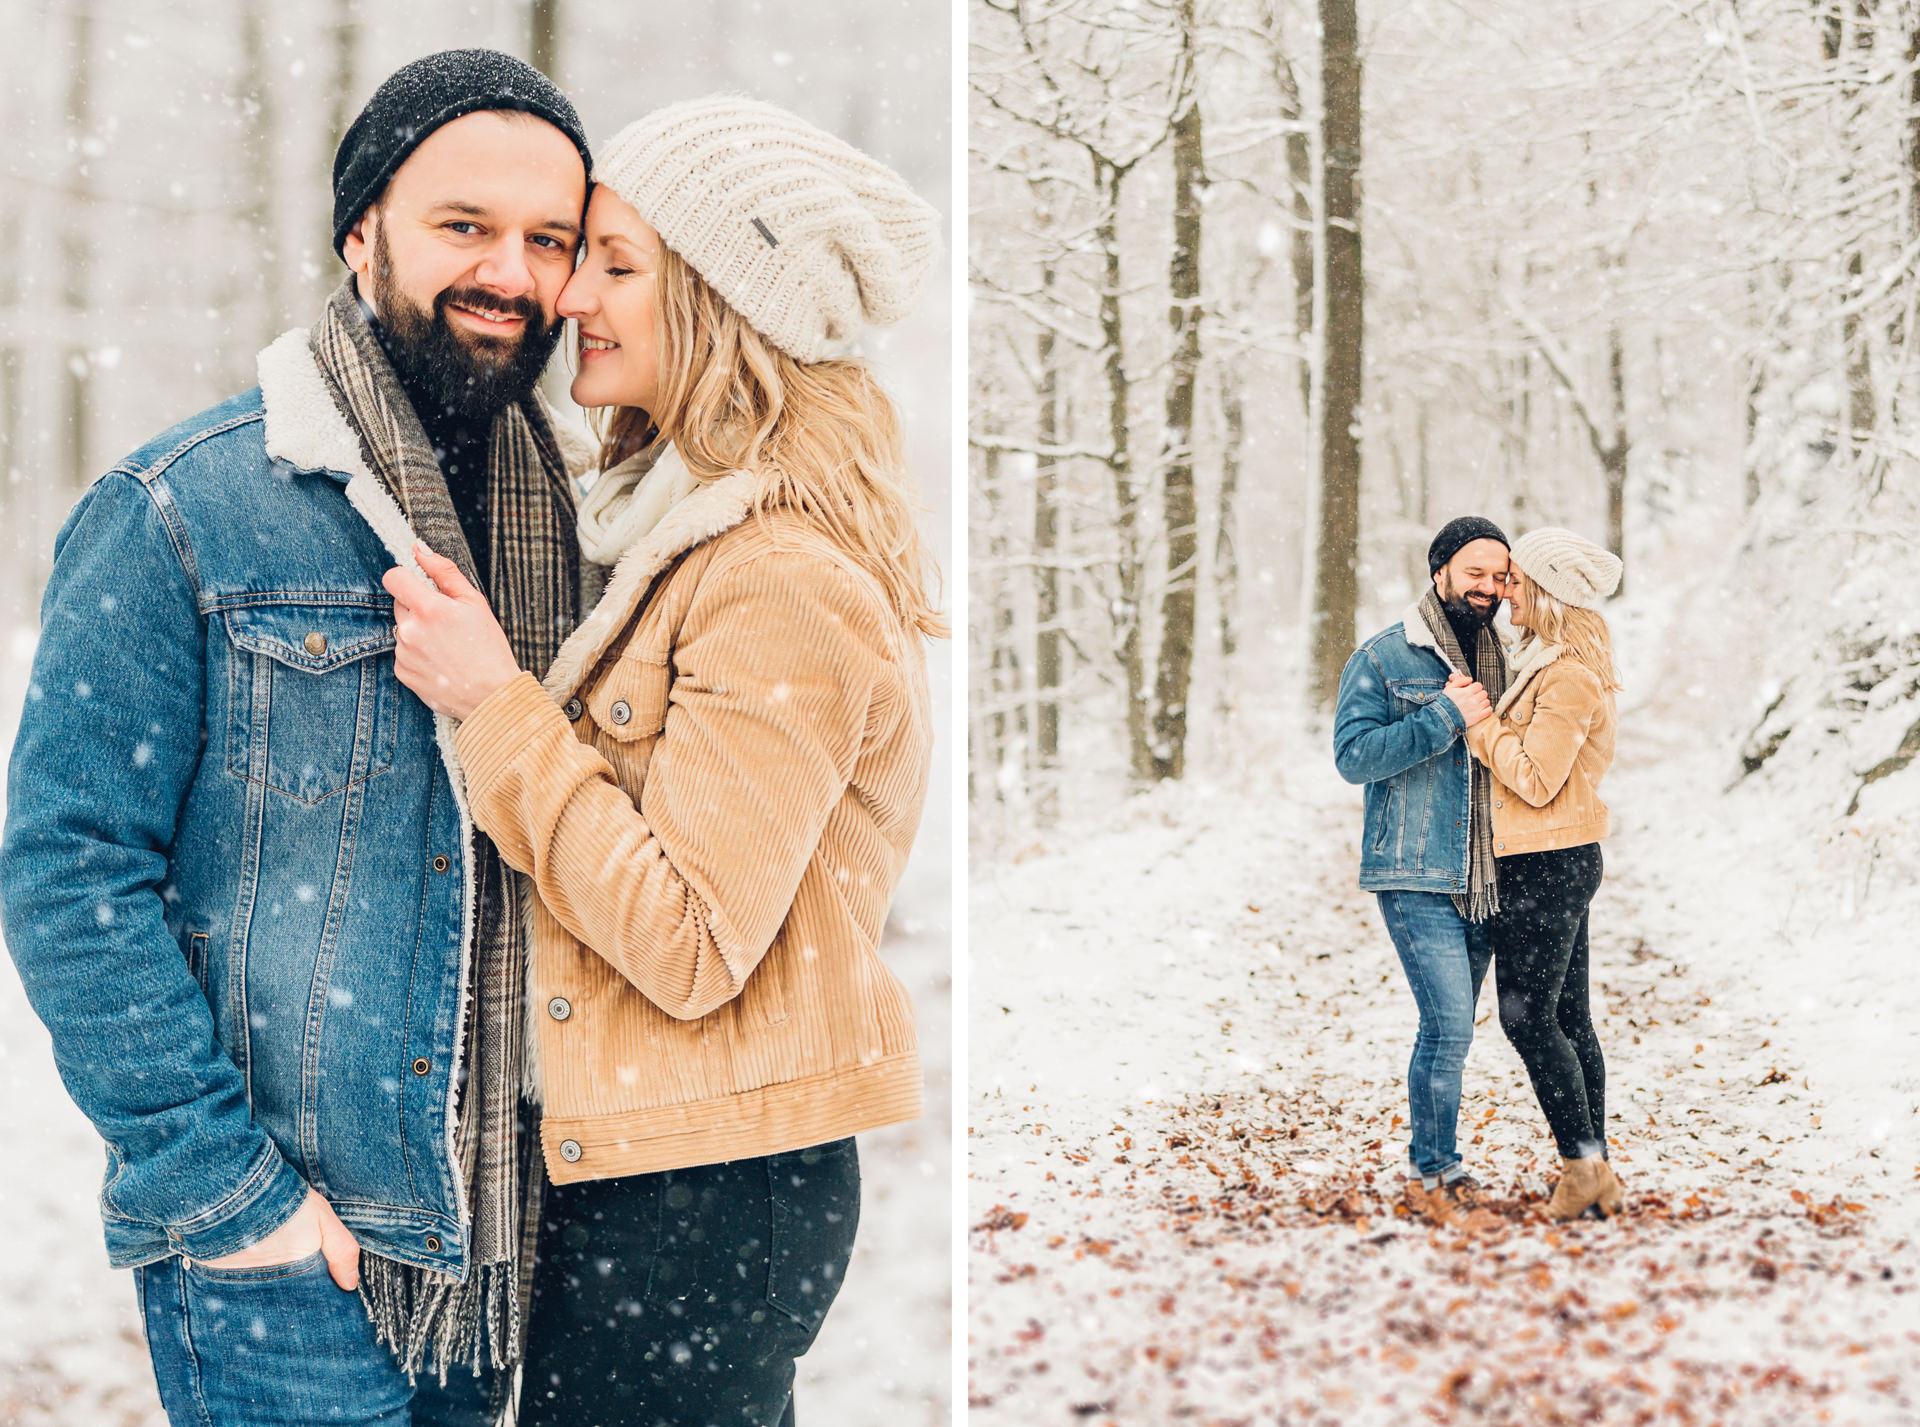 Wintershooting im Schnee Paarfotos im verschneiten Wald